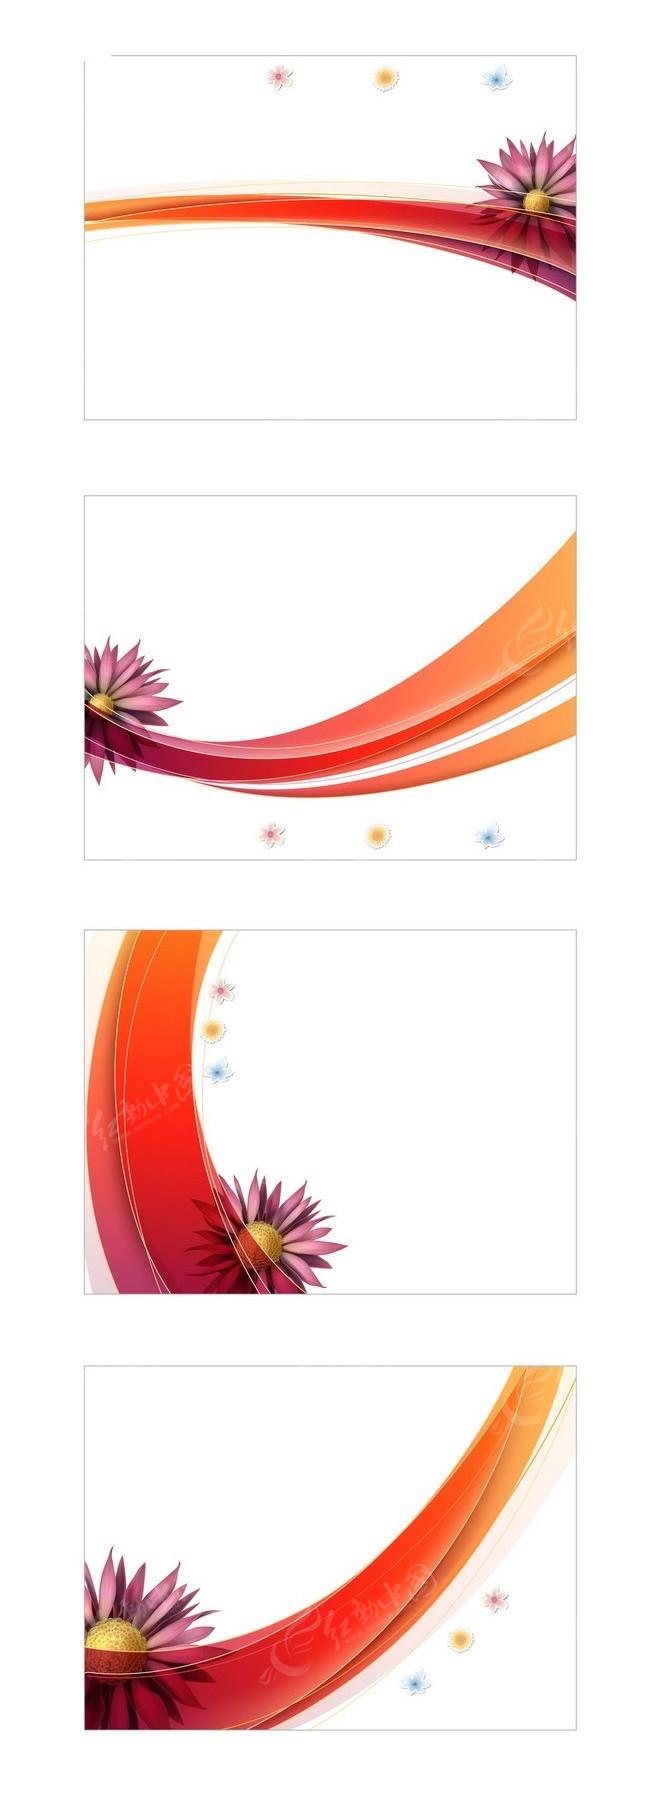 花朵和曲线等矢量素材